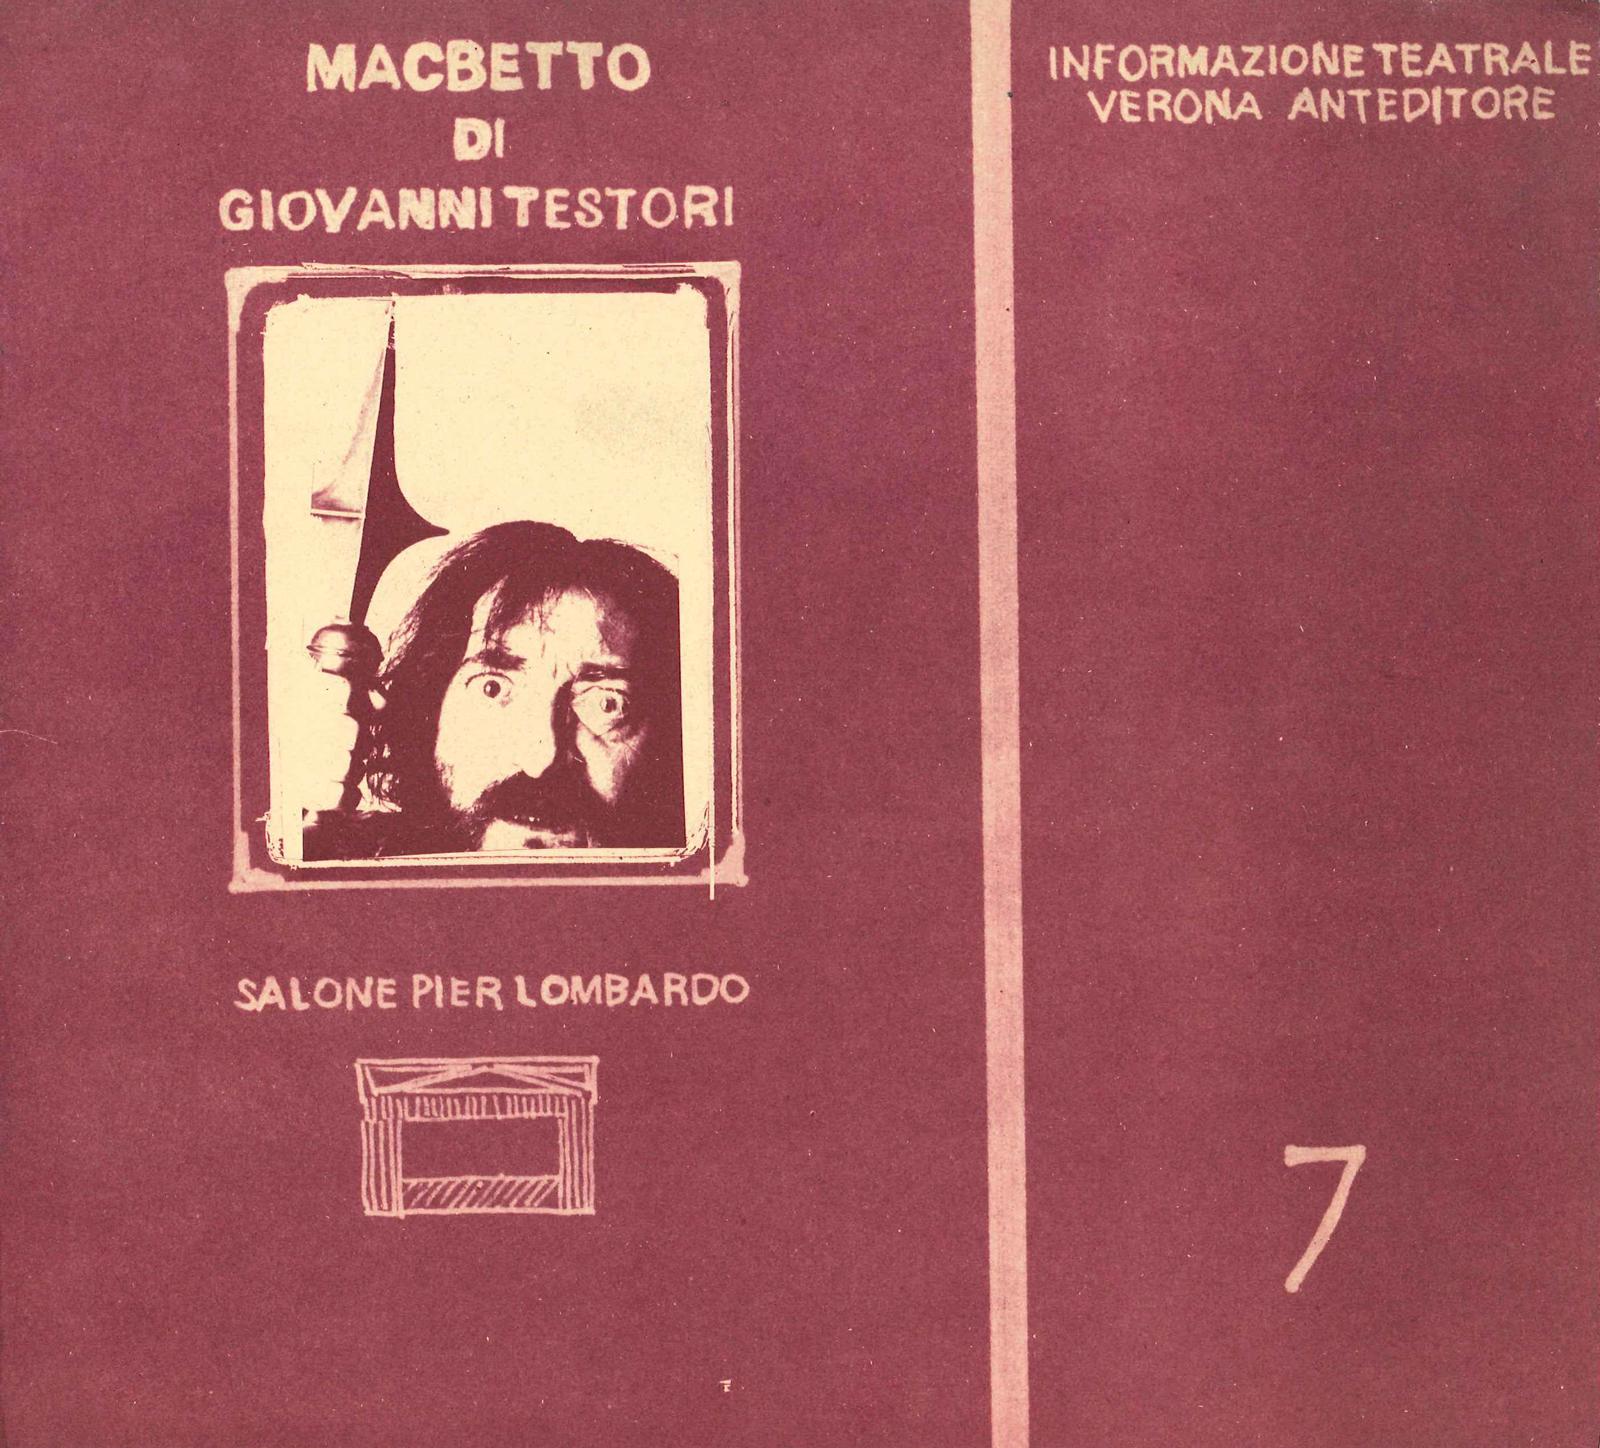 Il libretto di Macbetto di Giovanni Testori